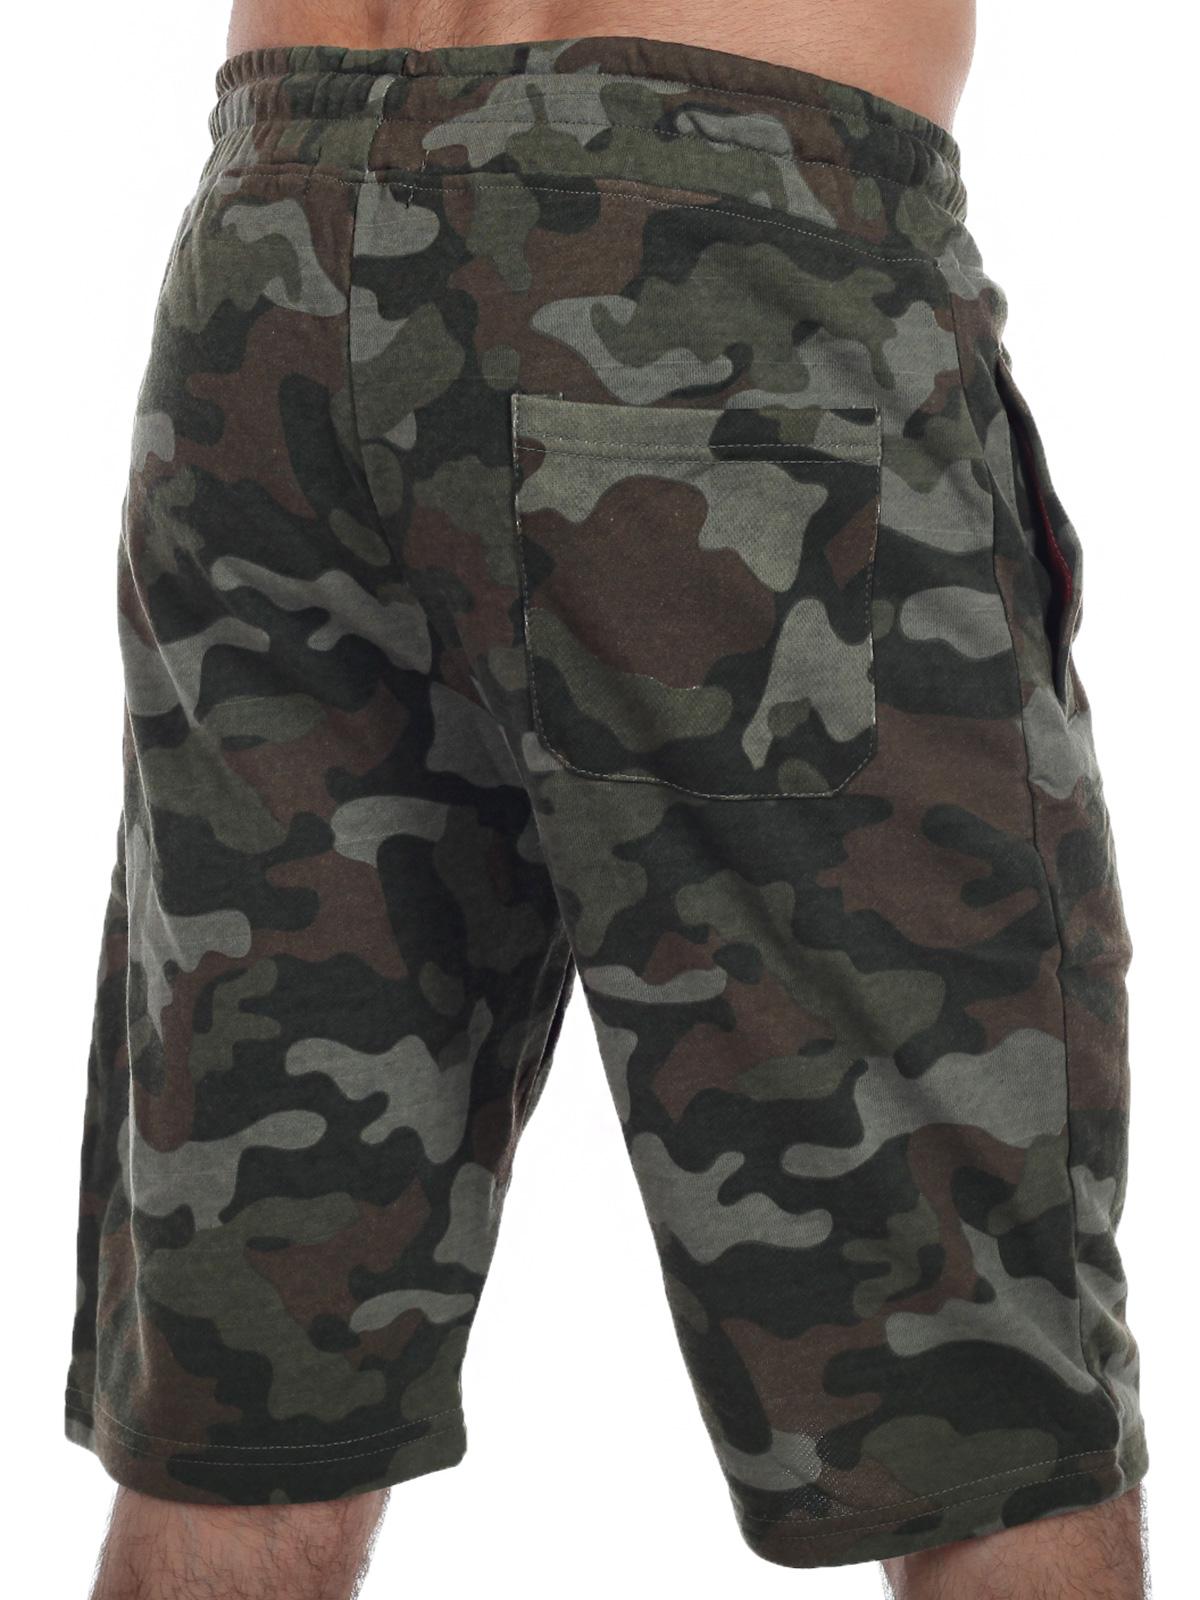 Уставные шорты к общеармейской форме купить в Военпро